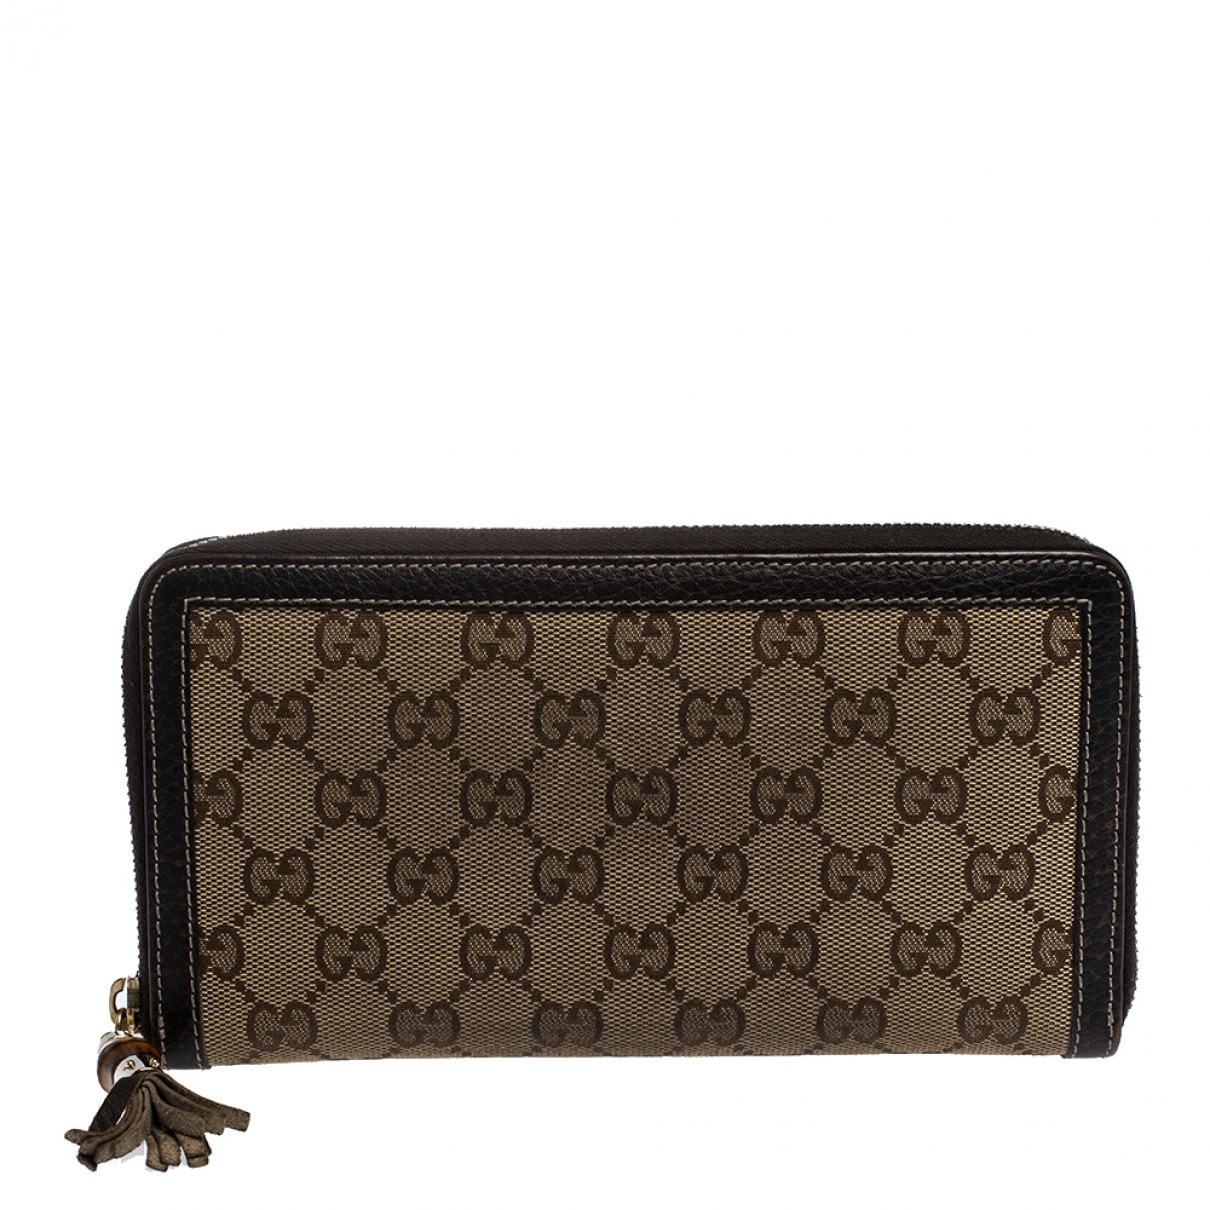 Gucci - Portefeuille Continental pour femme en cuir - beige